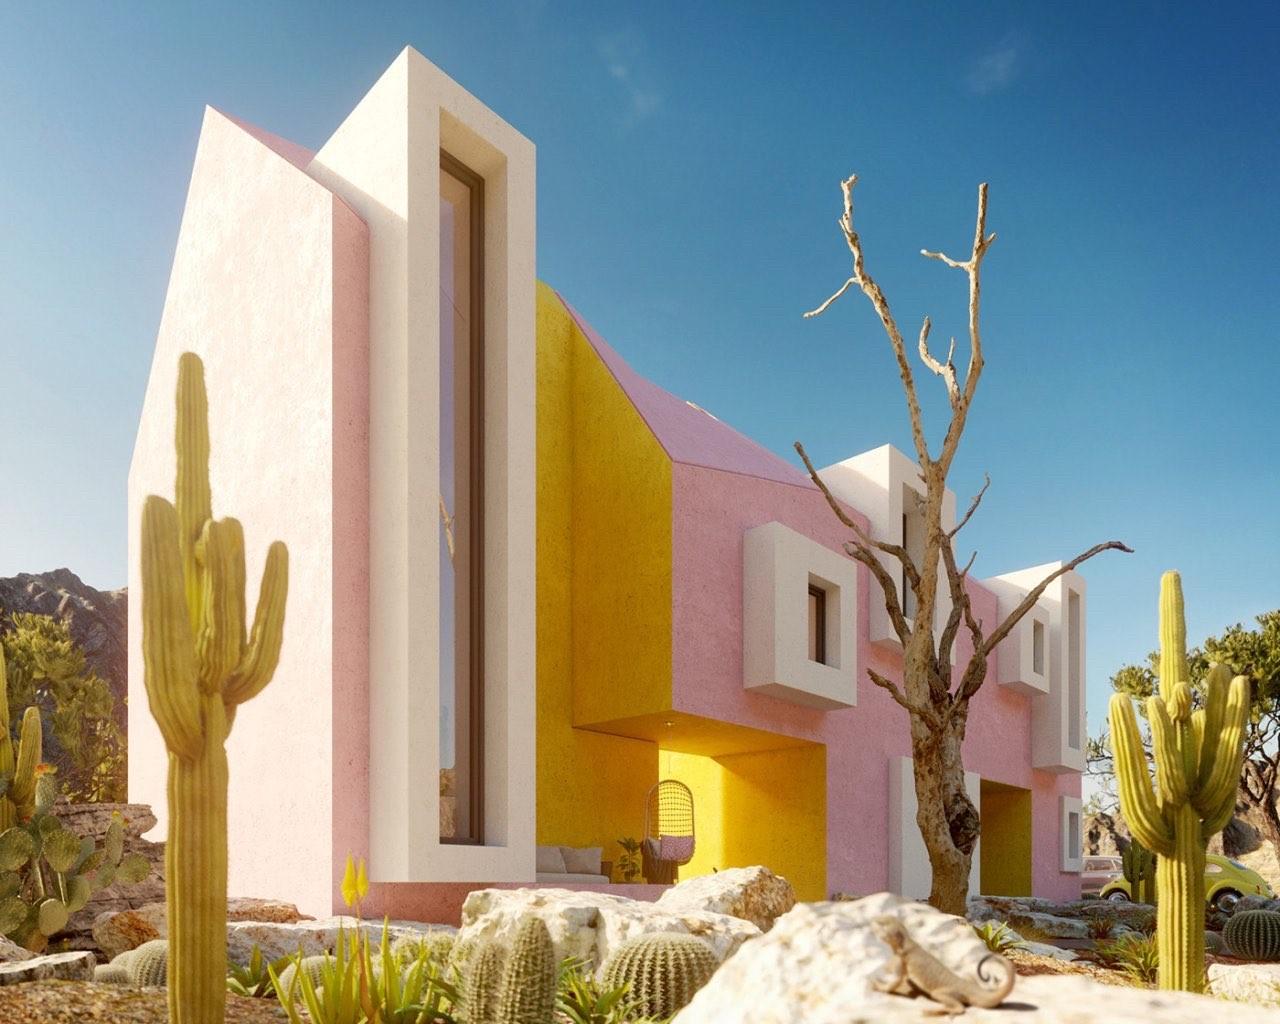 Sonora House, Mexico